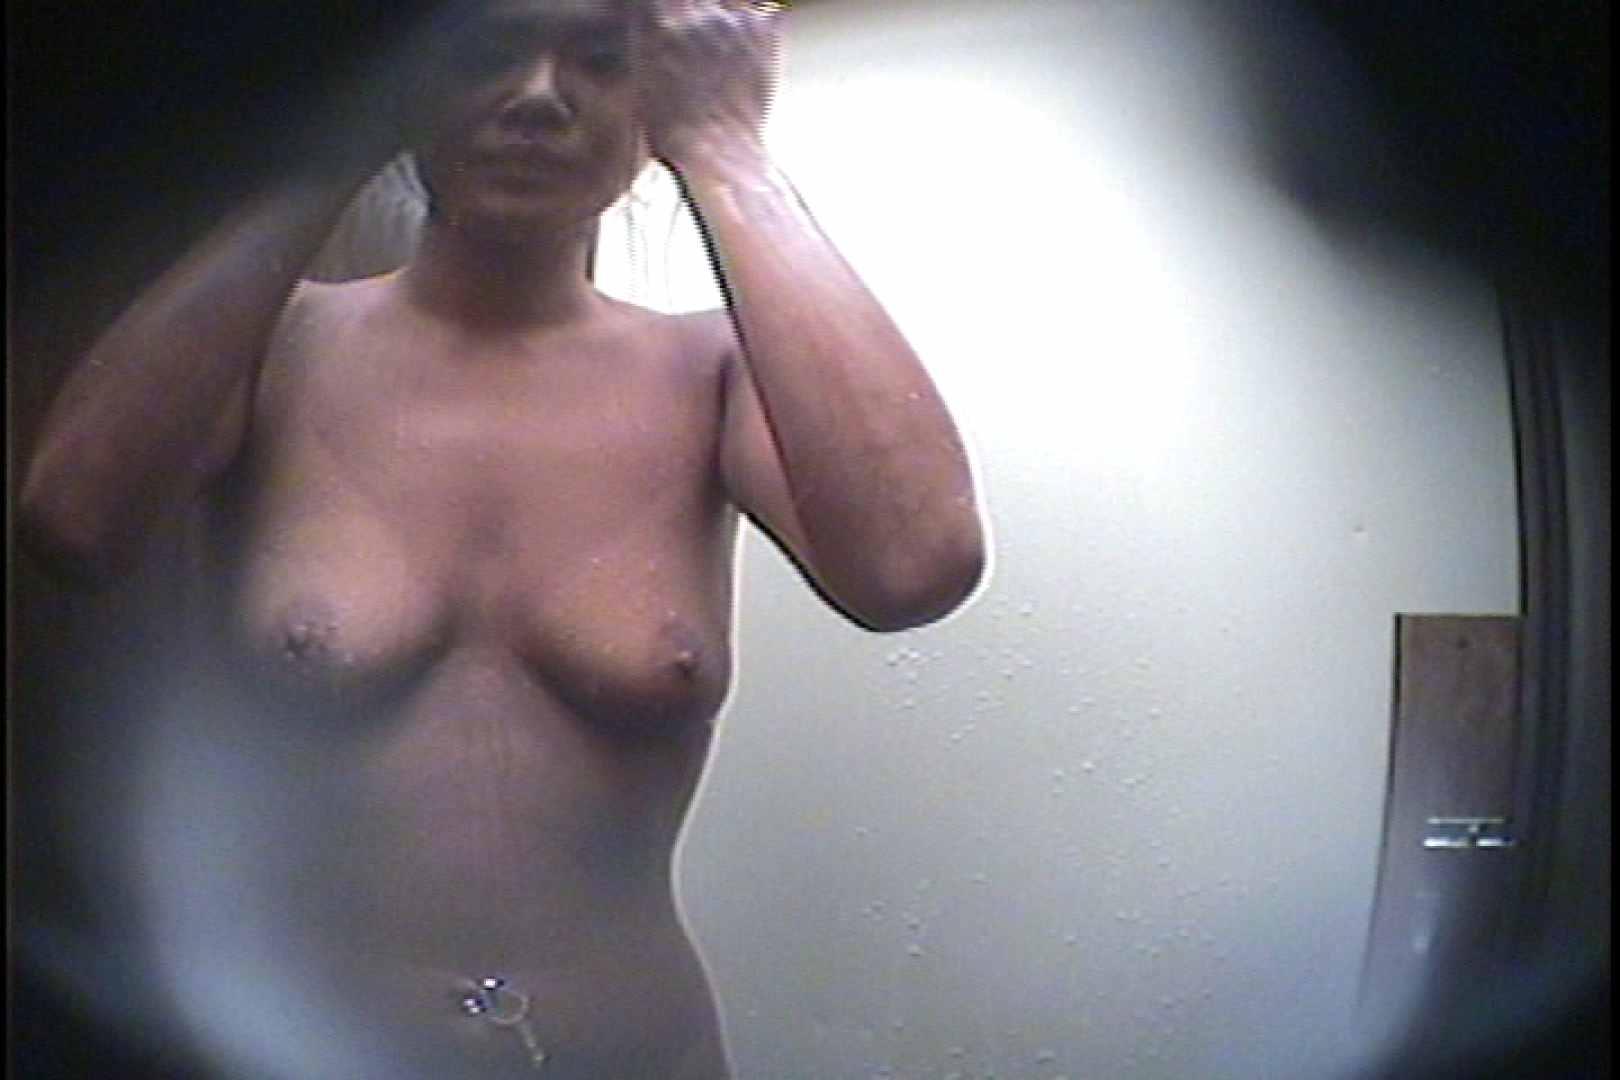 海の家の更衣室 Vol.39 日焼けギャル セックス画像 102枚 48